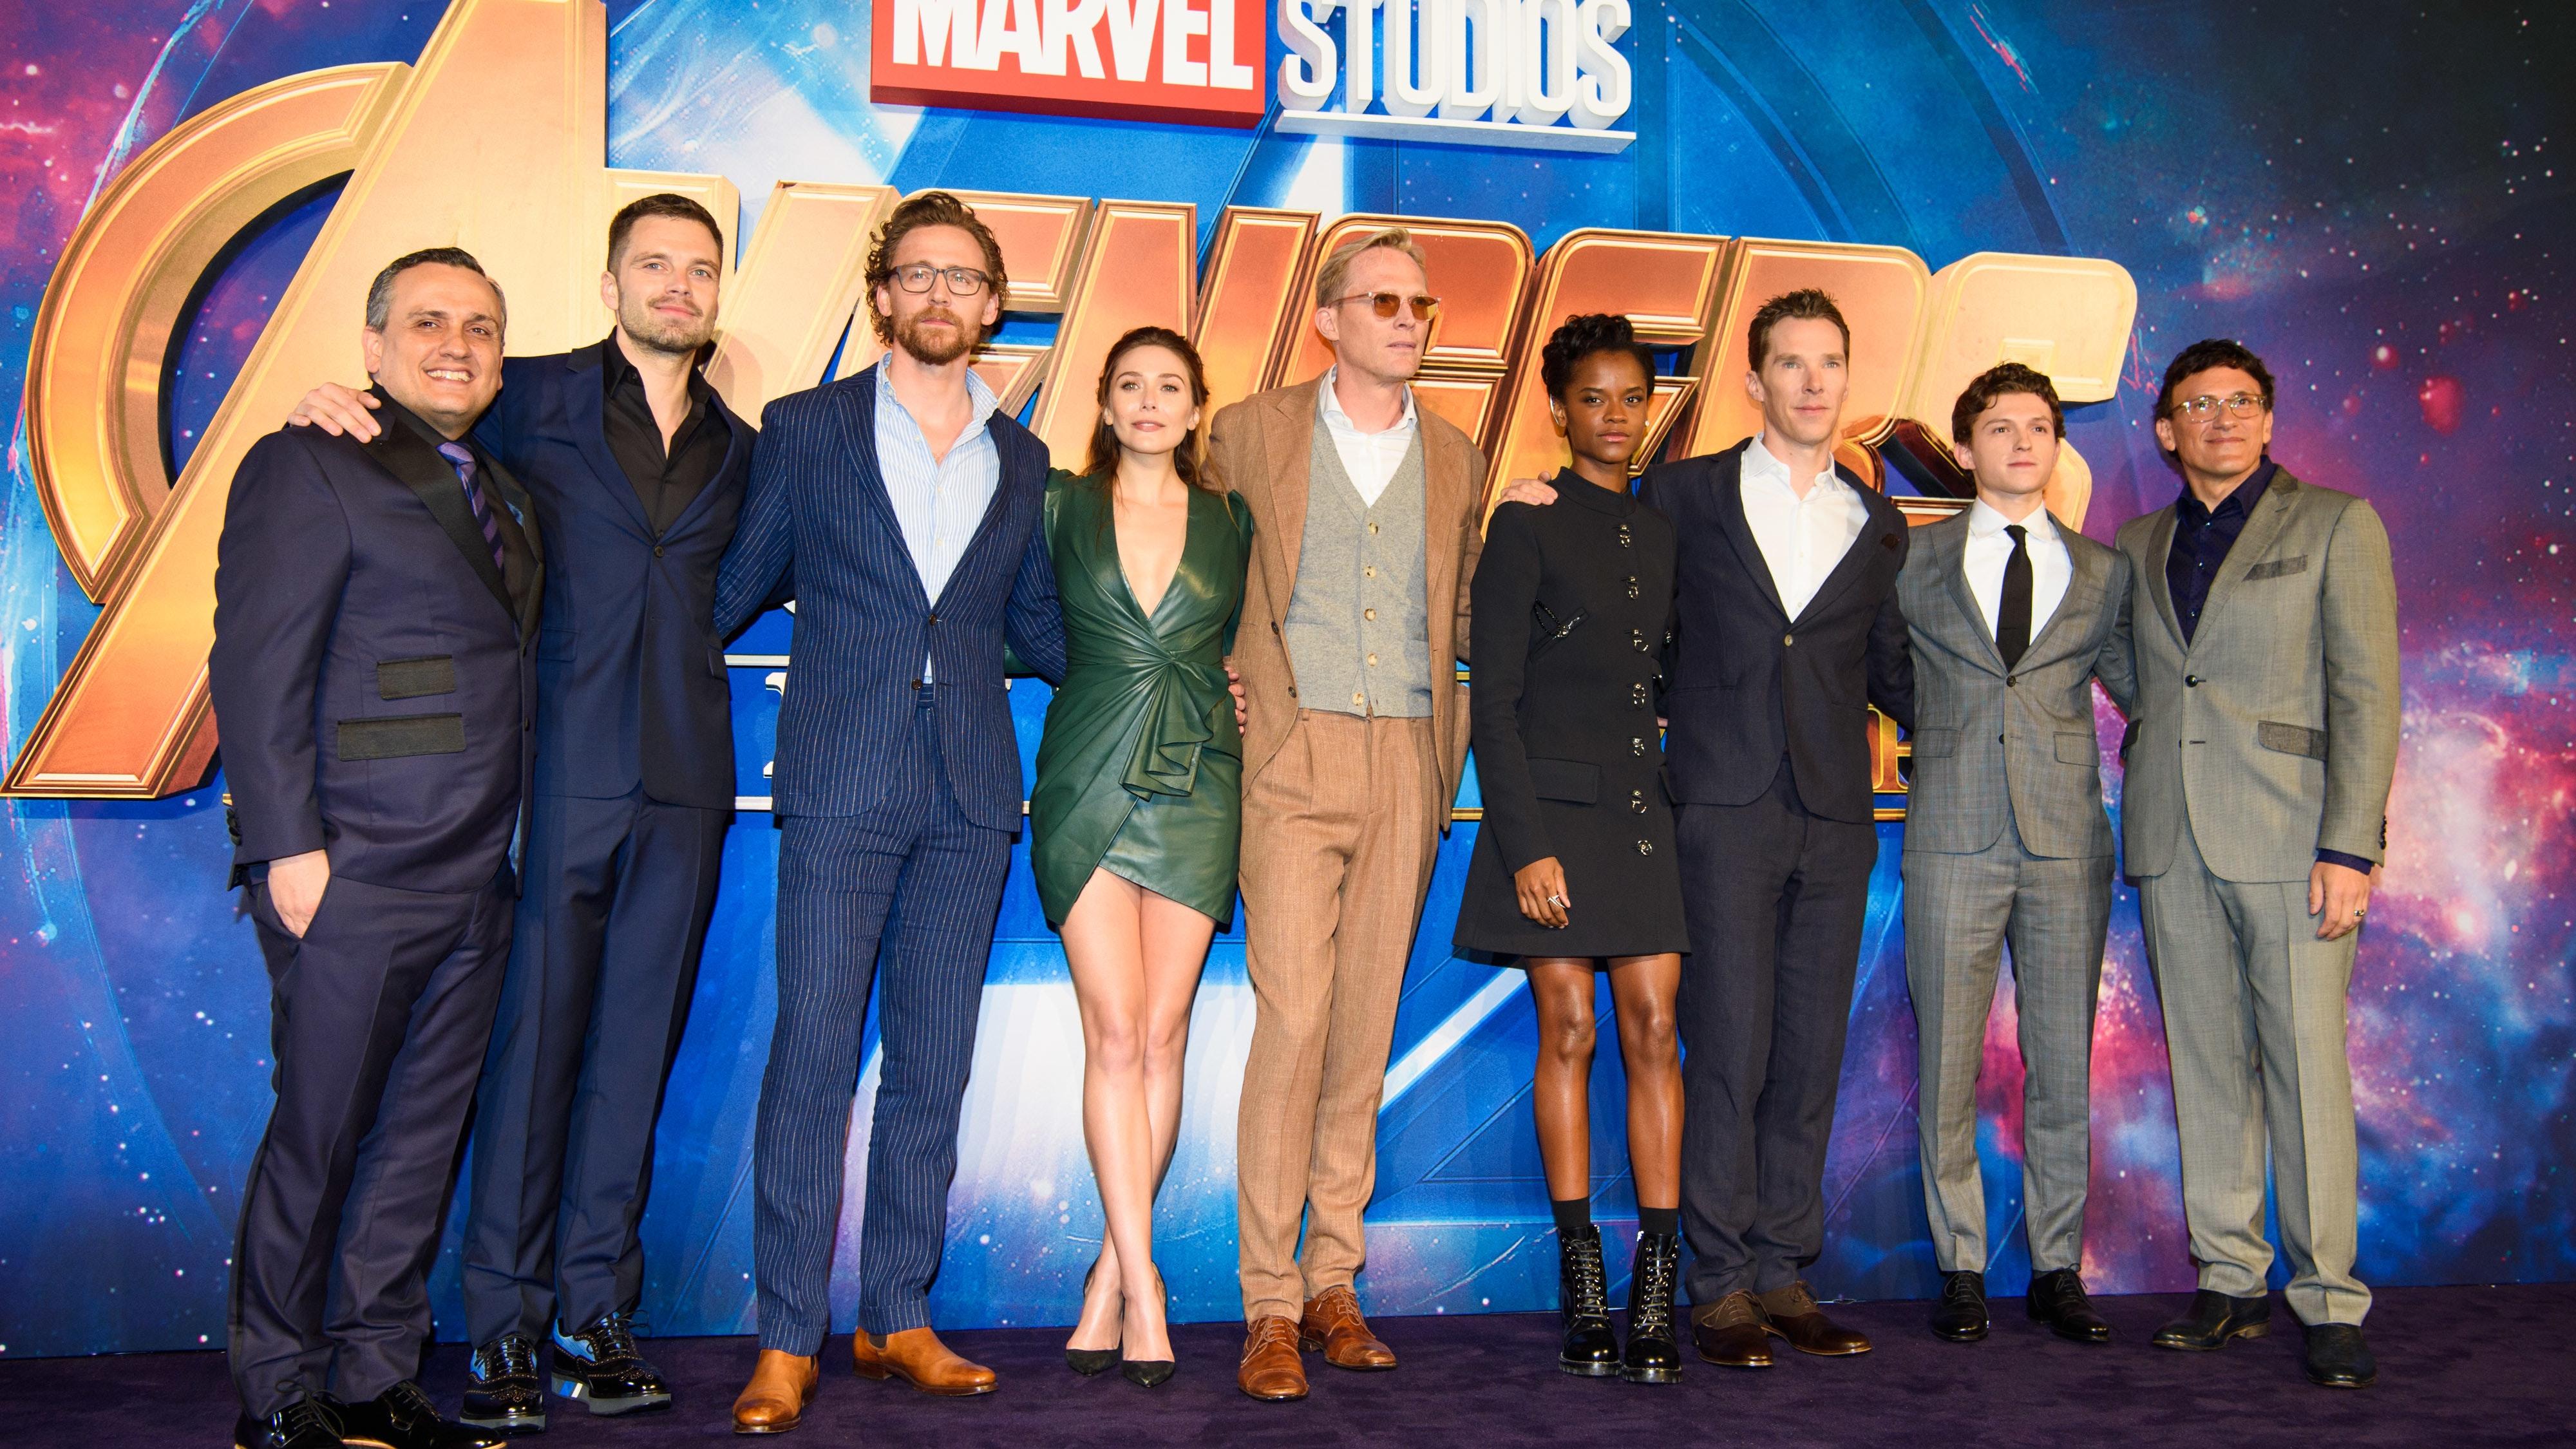 Marvel shares new Avengers: Endgame character posters | BT